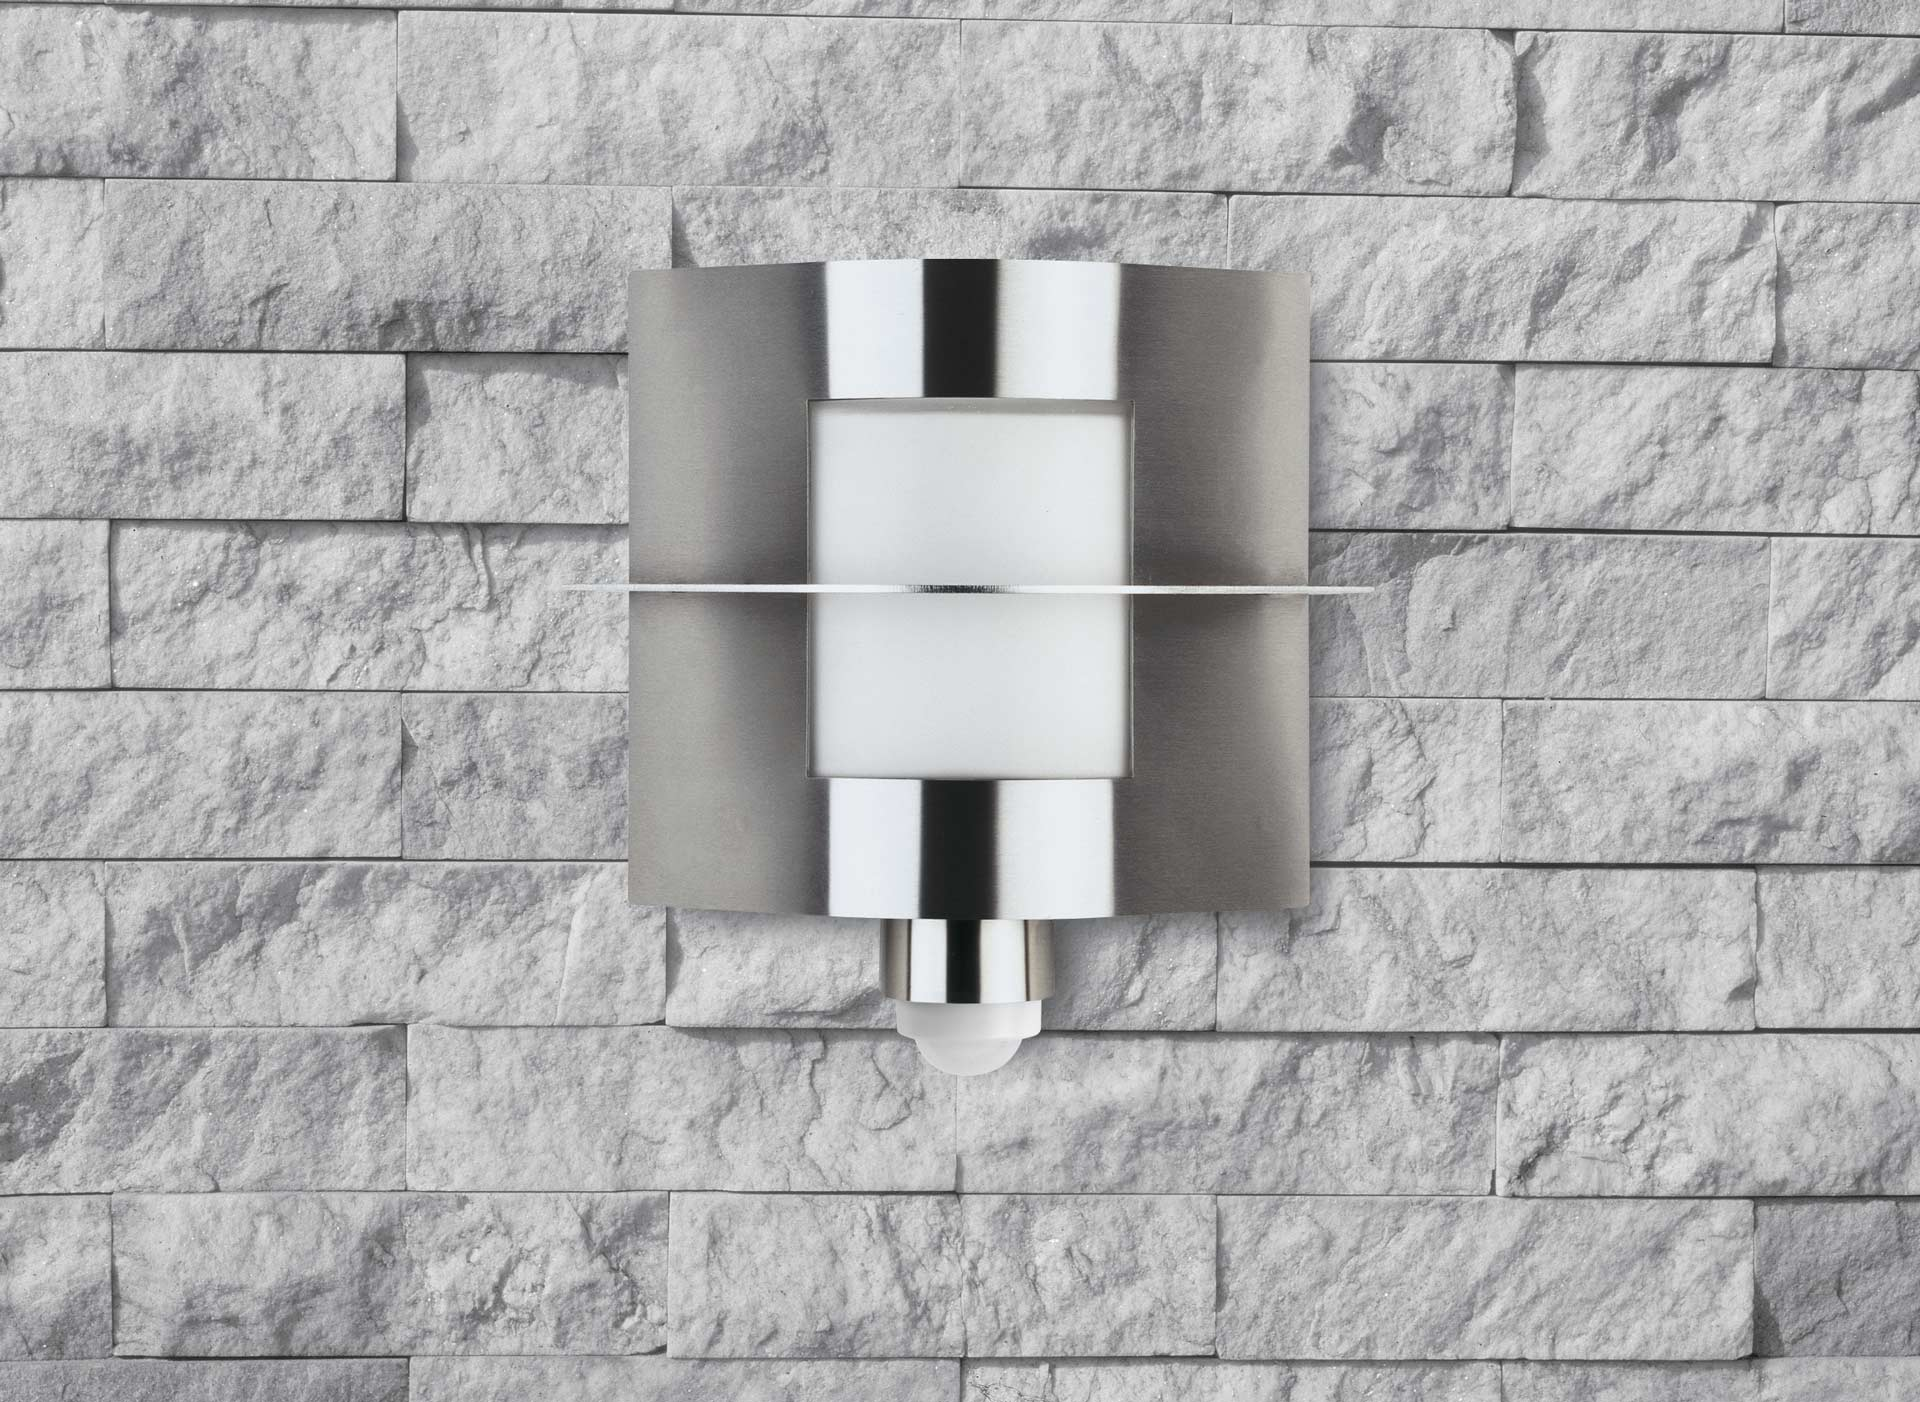 Nahaufnahme einer modernen Wandleuchte an einer weißen Steinwand